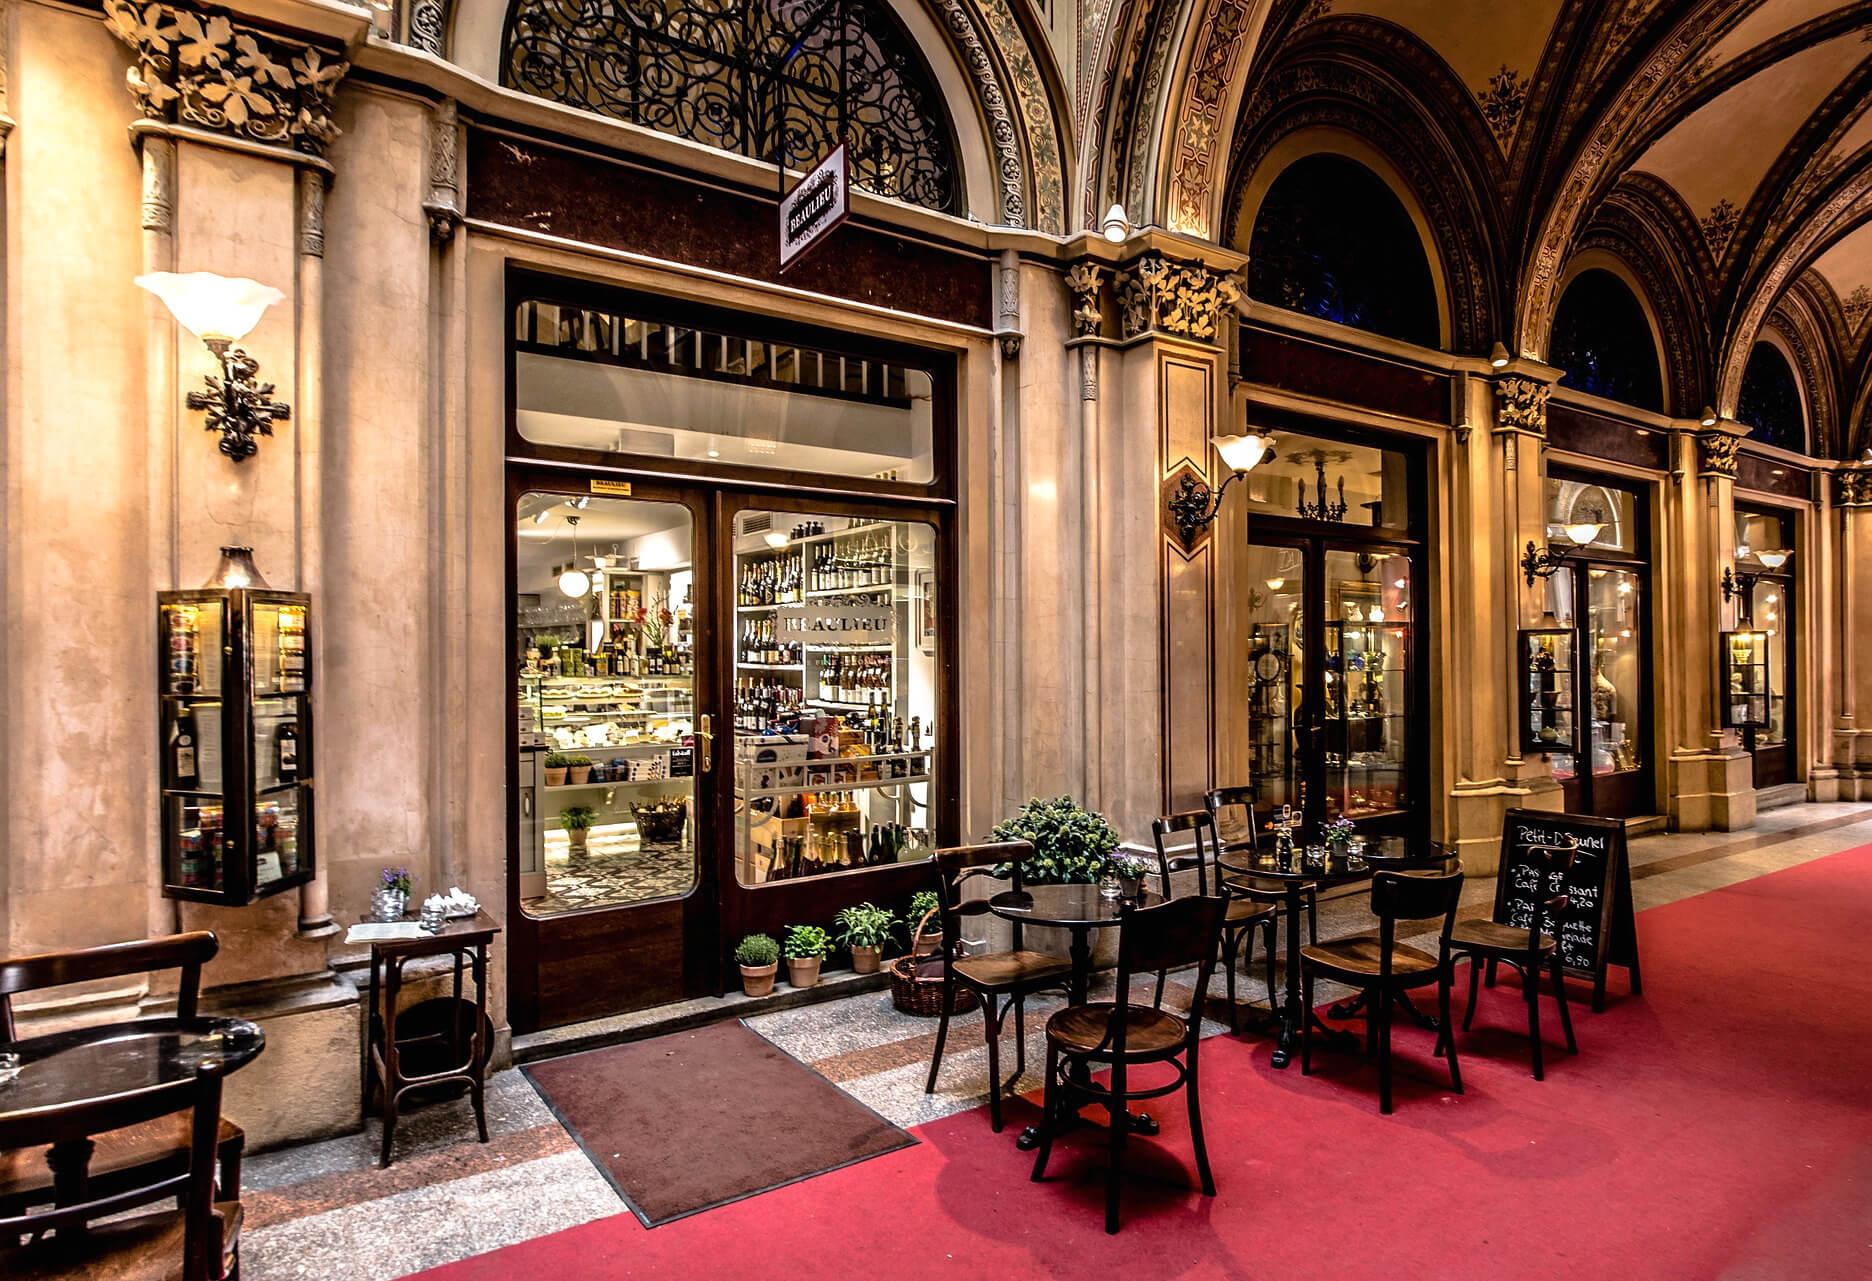 Kaffeehauskultur in Wien / Bild von Jörg Peter via Pixabay